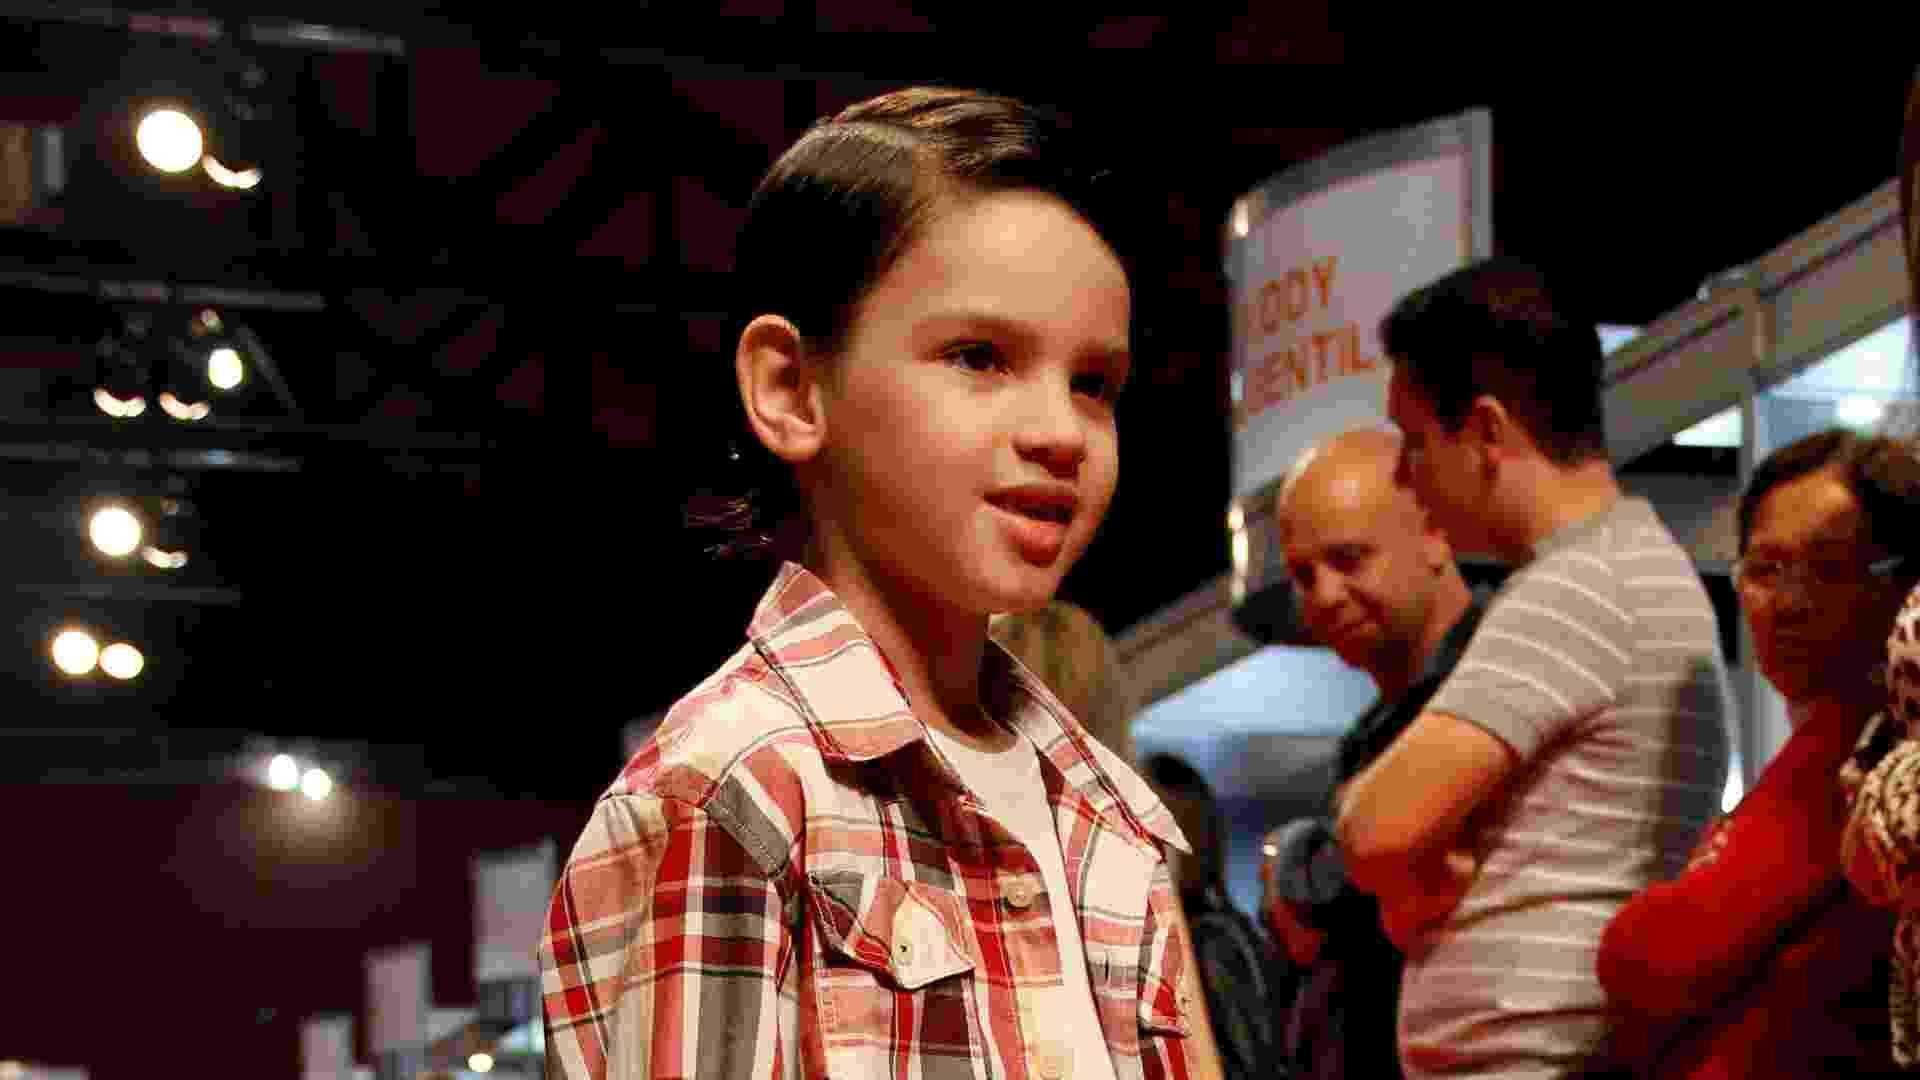 Com peças em xadrez, a coleção da Reserva Mini é inspirada em peças de antigas coleções da moda masculina Reserva que foram sucesso; desfile fez parte do Ópera Fashion Kids, em São Paulo (2/06/2012) - Divulgação